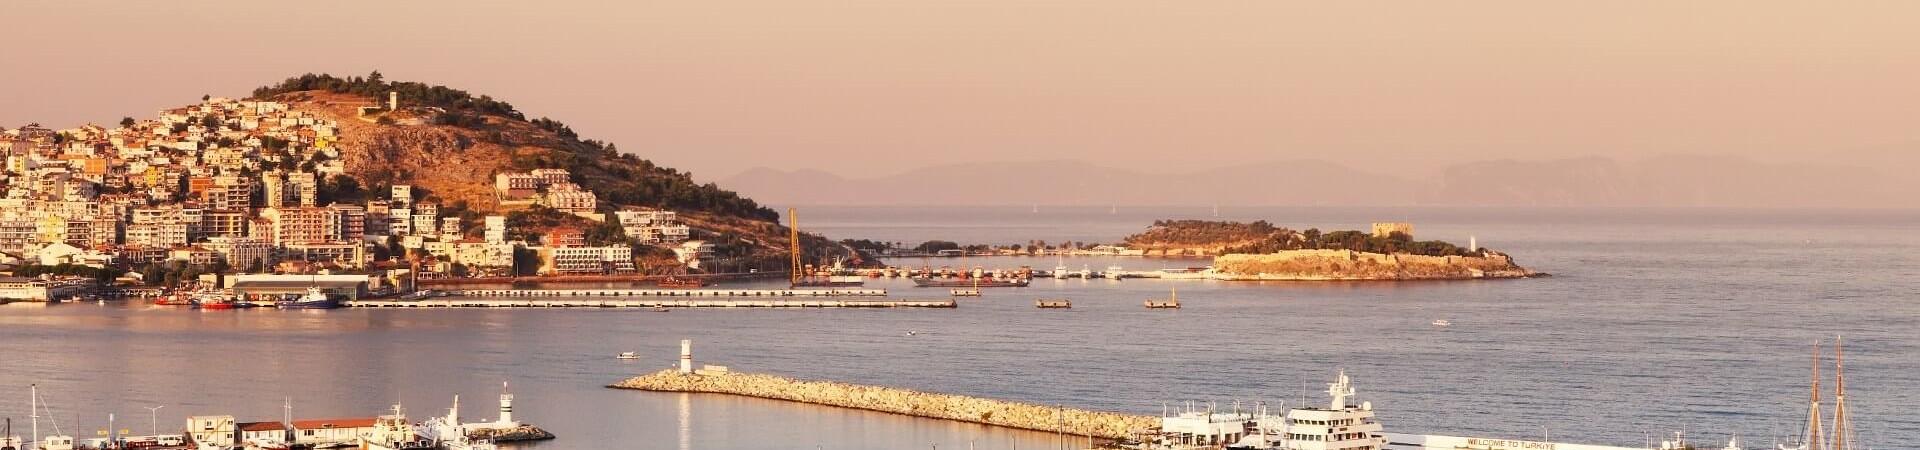 Wybrzeże Kusadasi w Turcji